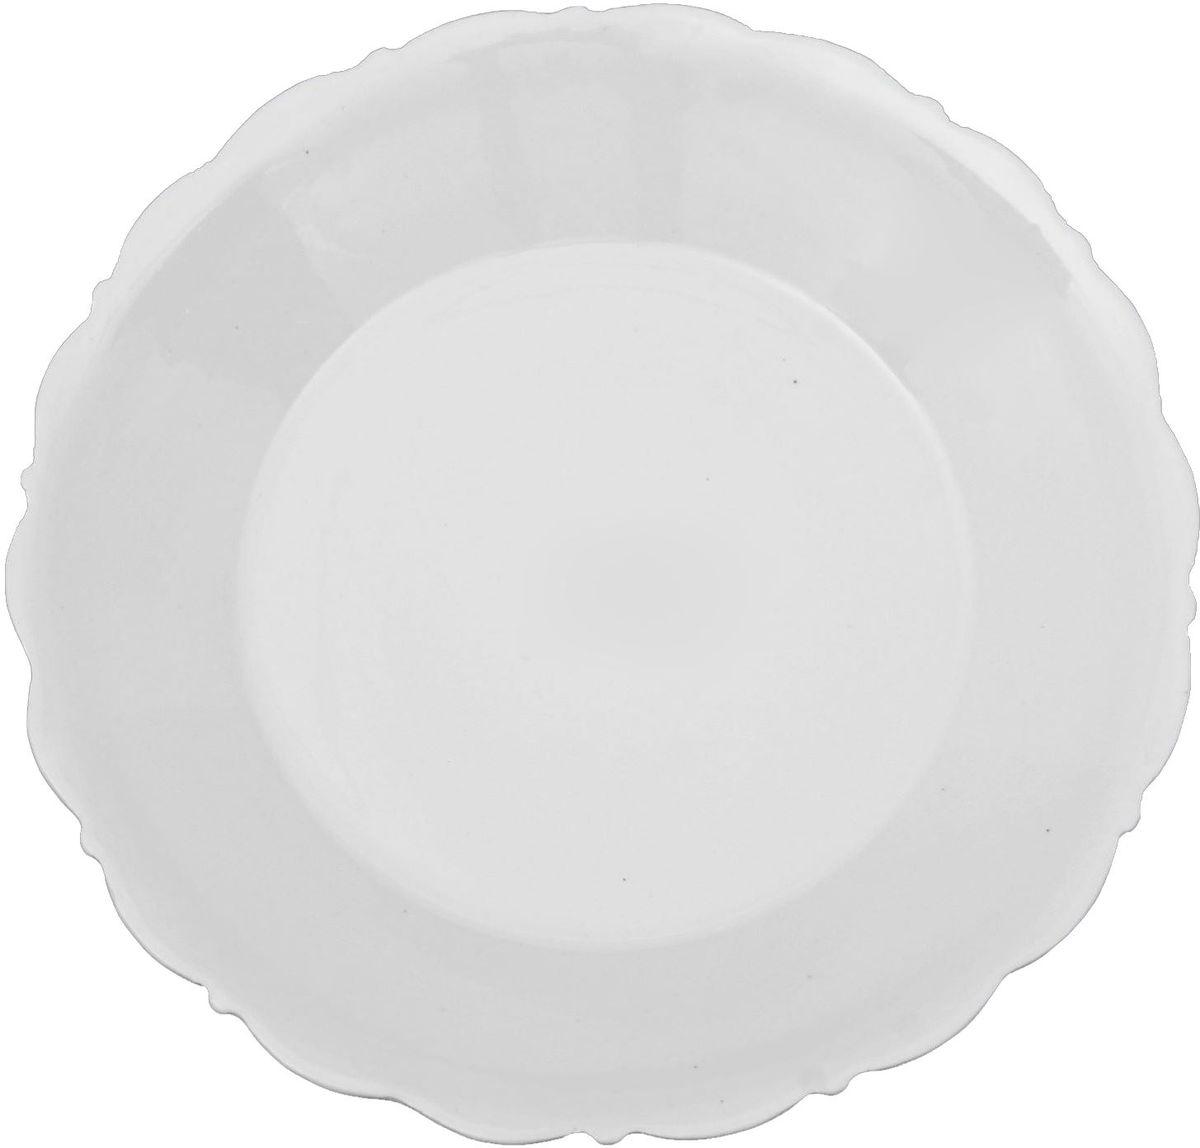 Тарелка Turon Porcelain Классика, диаметр 17,5 см1625428Тарелка Turon Porcelain Классика выполнена из фарфора. Она подойдет для повседневной и праздничной сервировки. Дополните стол текстилем и салфетками в тон, чтобы получить элегантное убранство с яркими акцентами. Узбекская посуда известна всему миру уже более тысячи лет. Ей любовались царские особы, на ней подавали еду шейхам и знатным персонам. Формула глазури передается из поколения в поколение. По сей день качественные изделия продолжают восхищать своей идеальной формой.